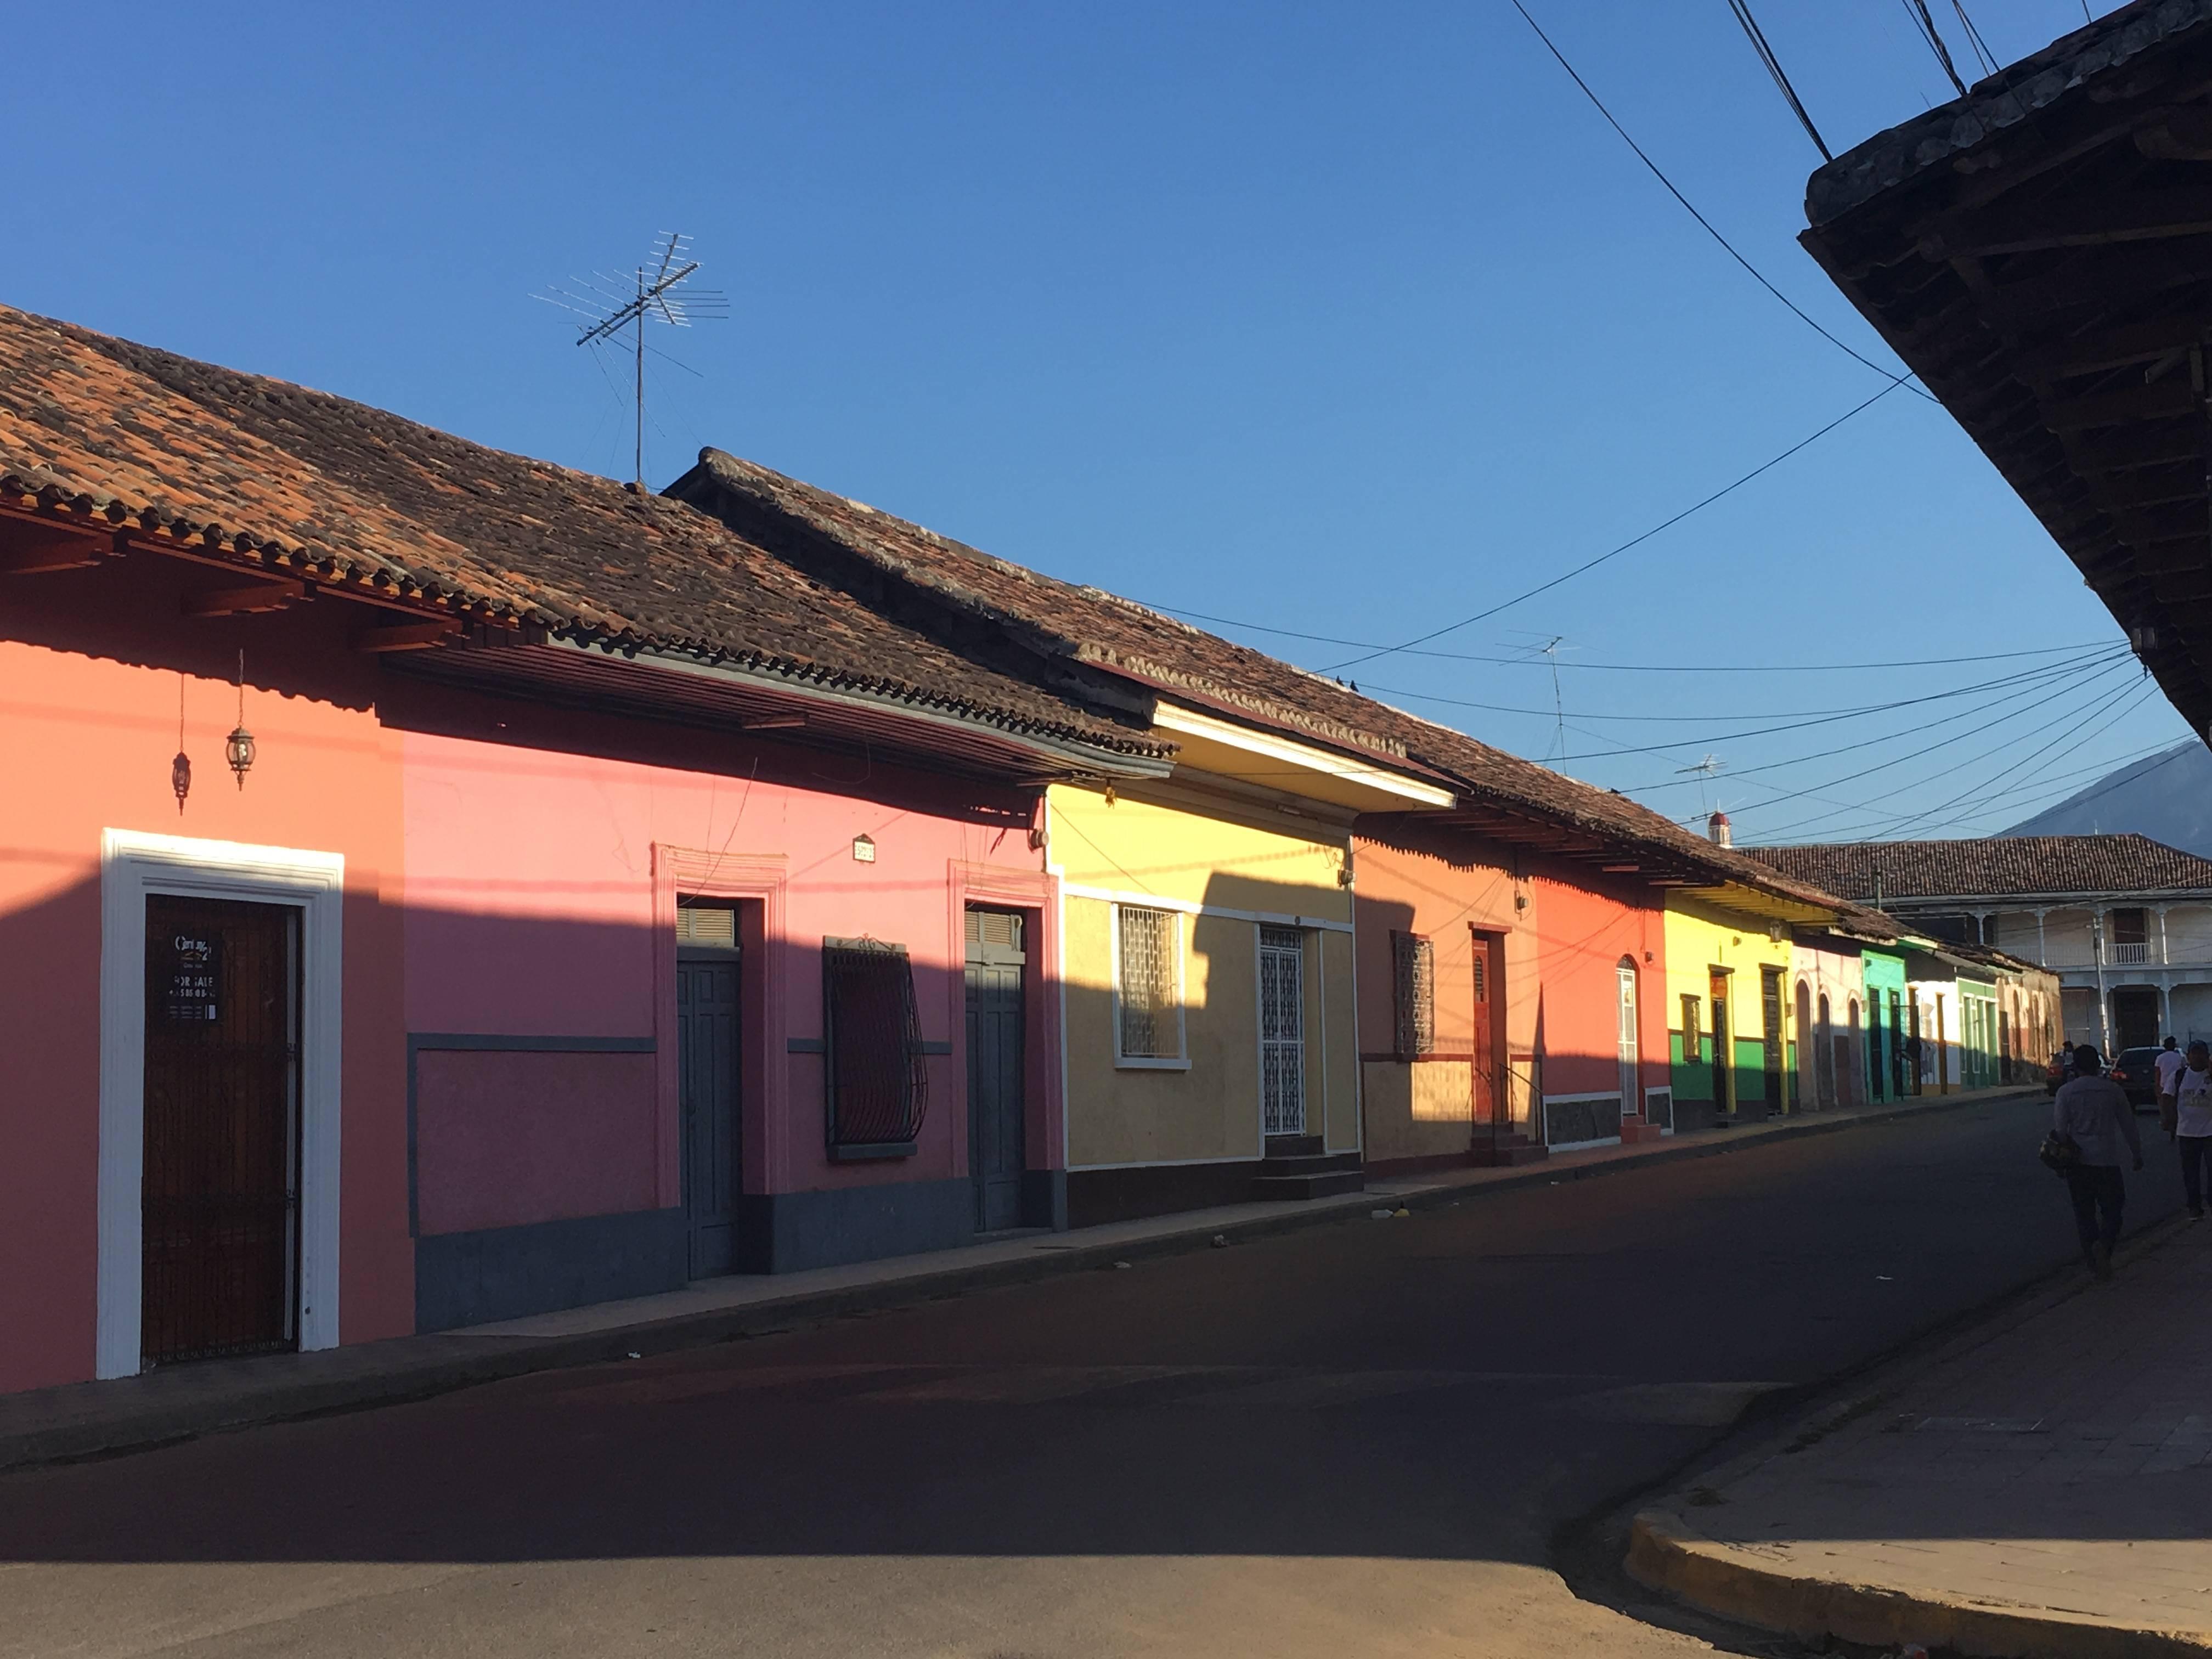 Photo 2: Ville de Granada